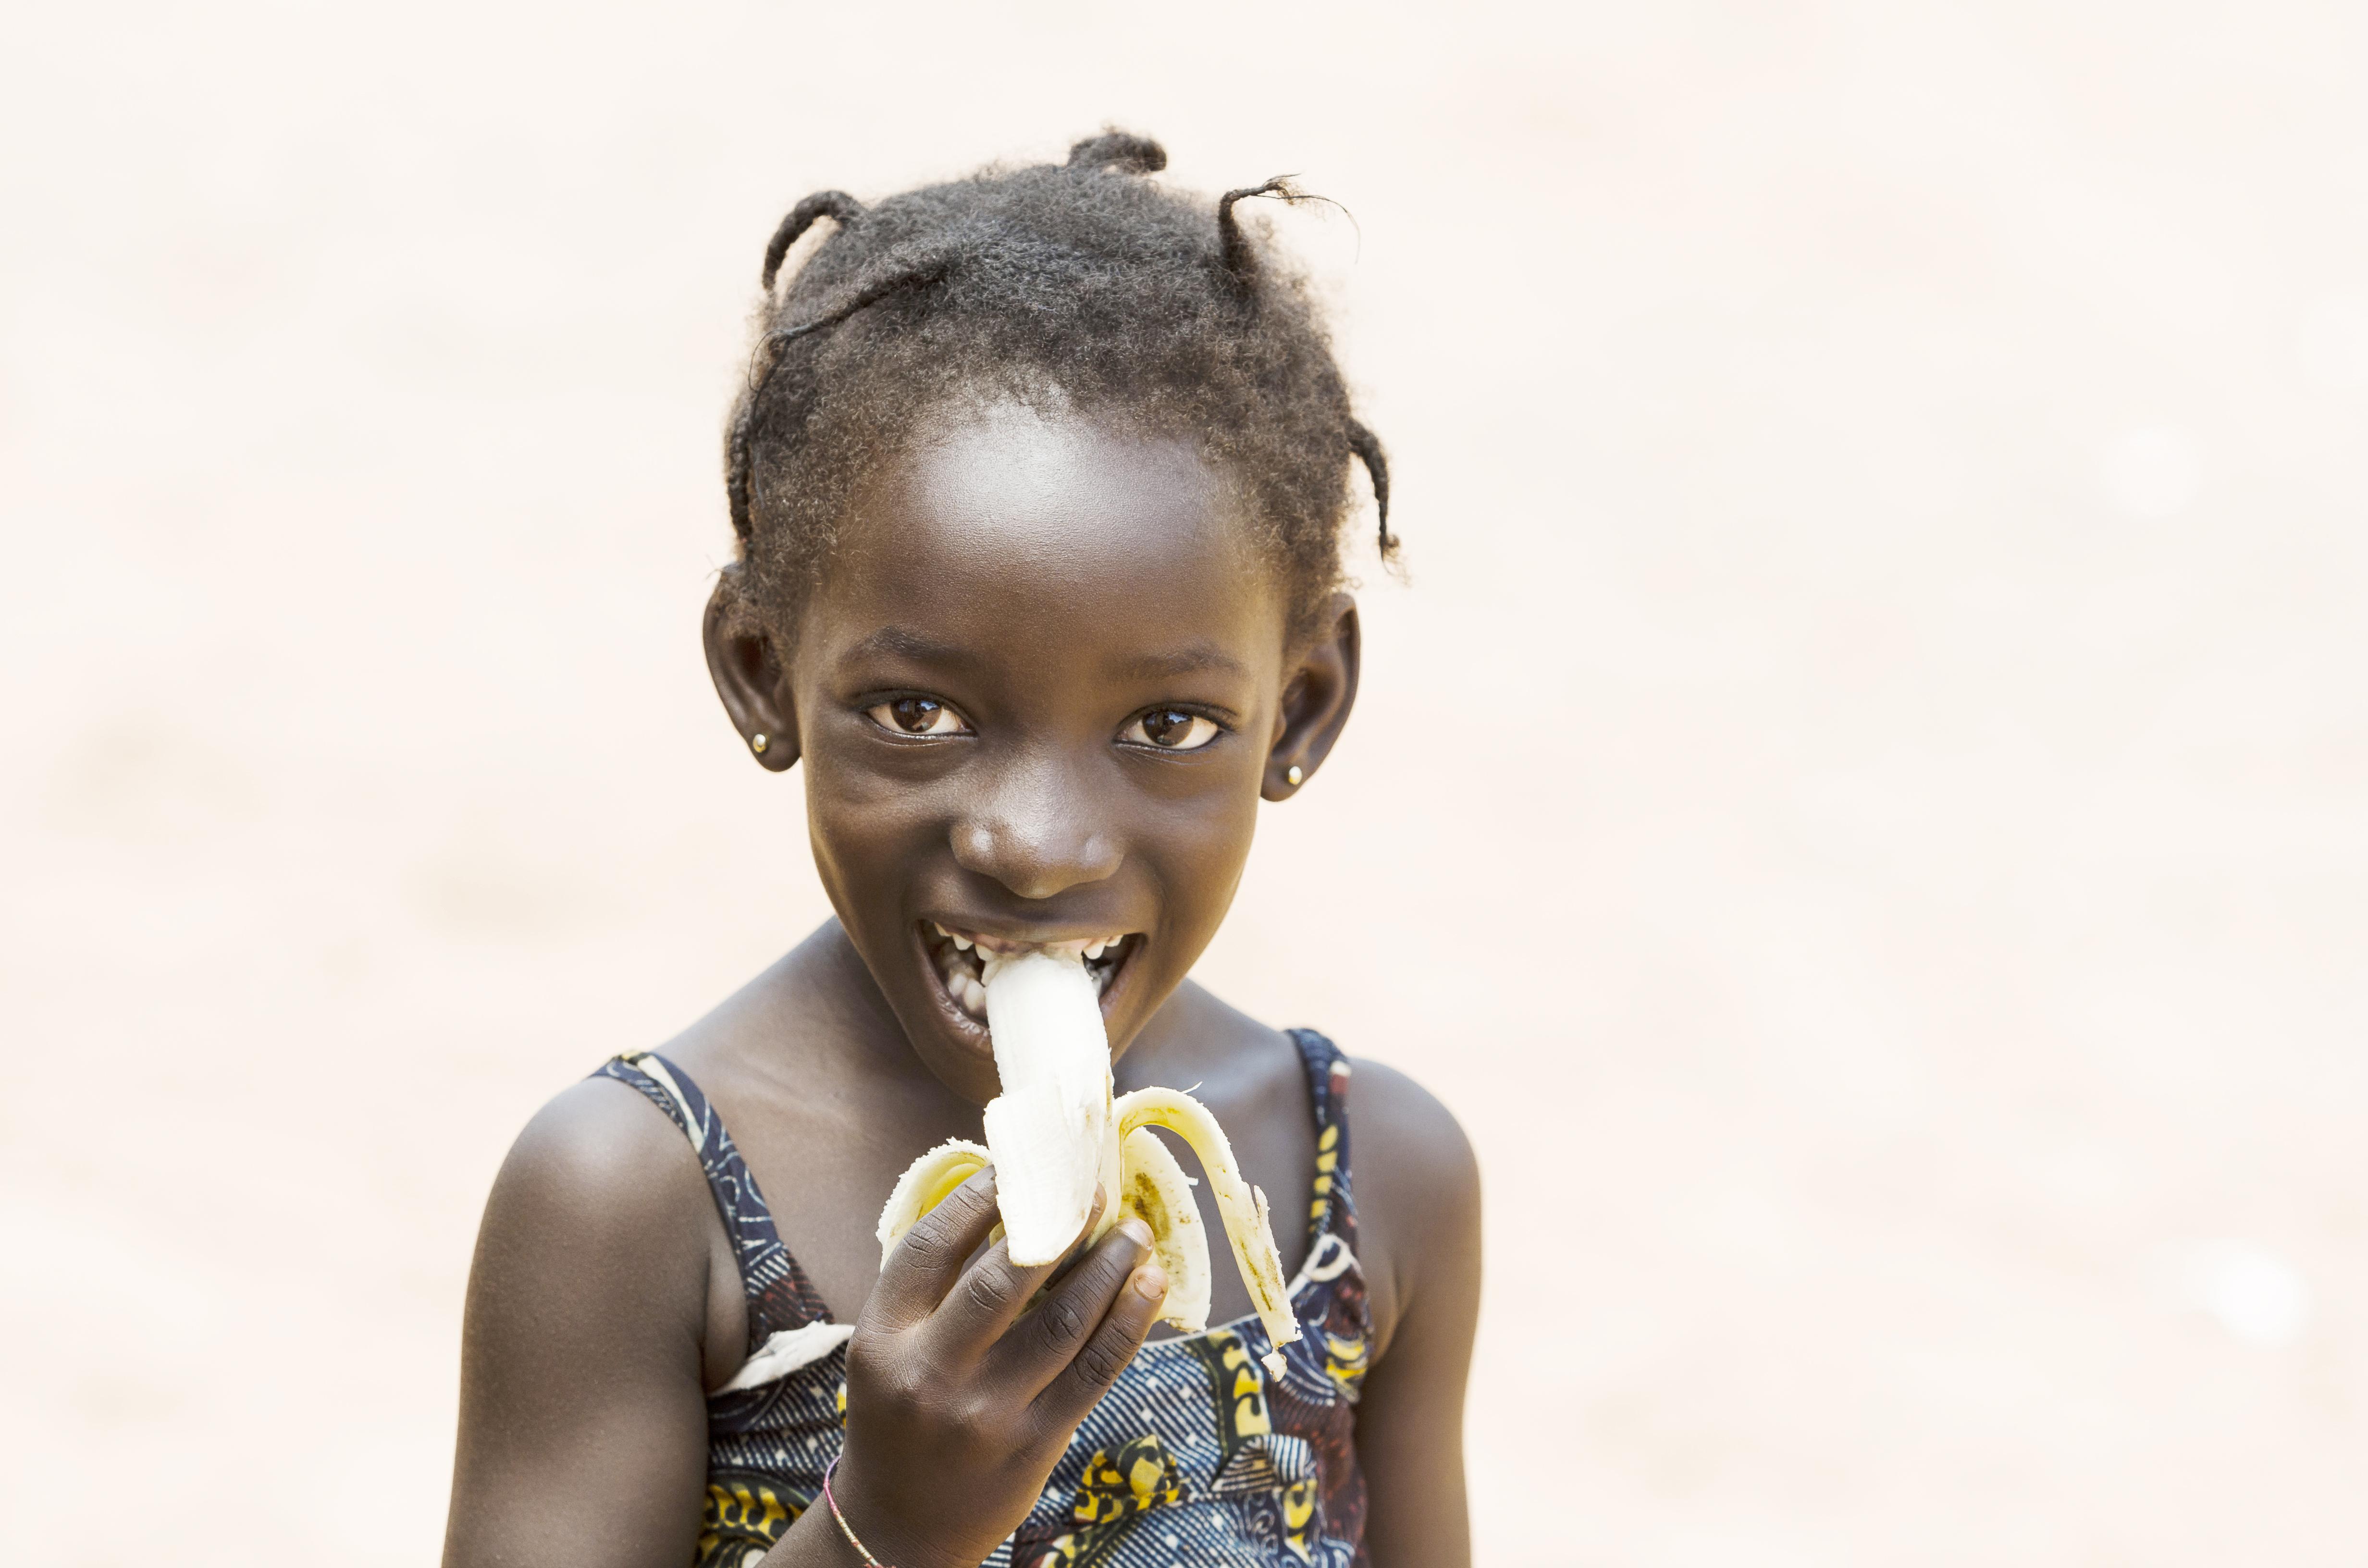 Ученые создали специальный сорт бананов для детей из Уганды